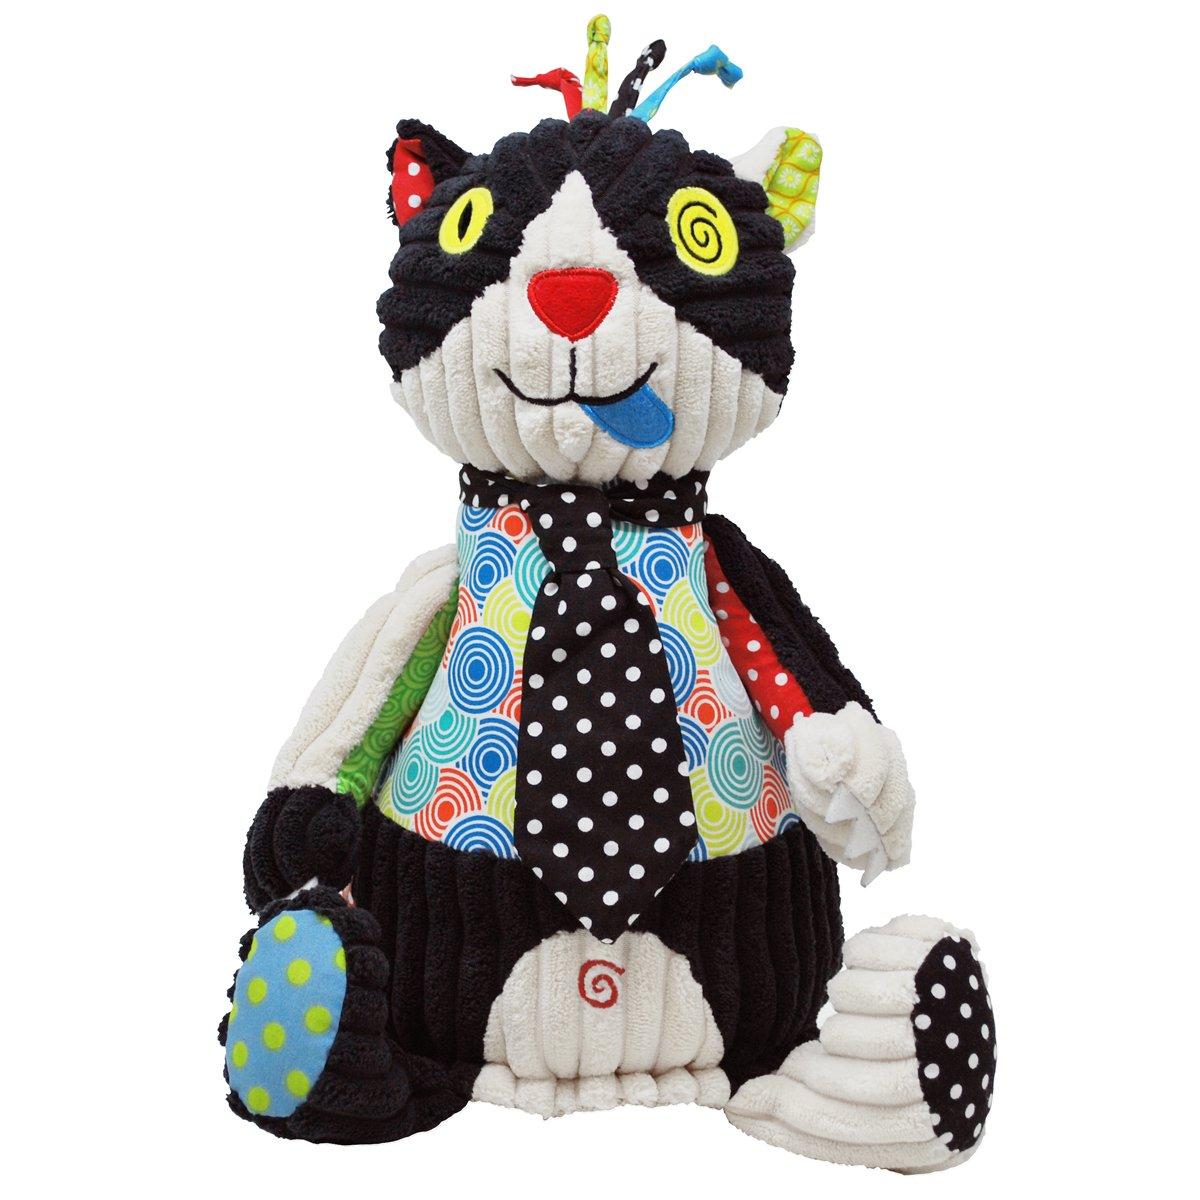 Les Deglingos Soft Toy, Charlos The Original Cat Cuckoo Ltd 36518